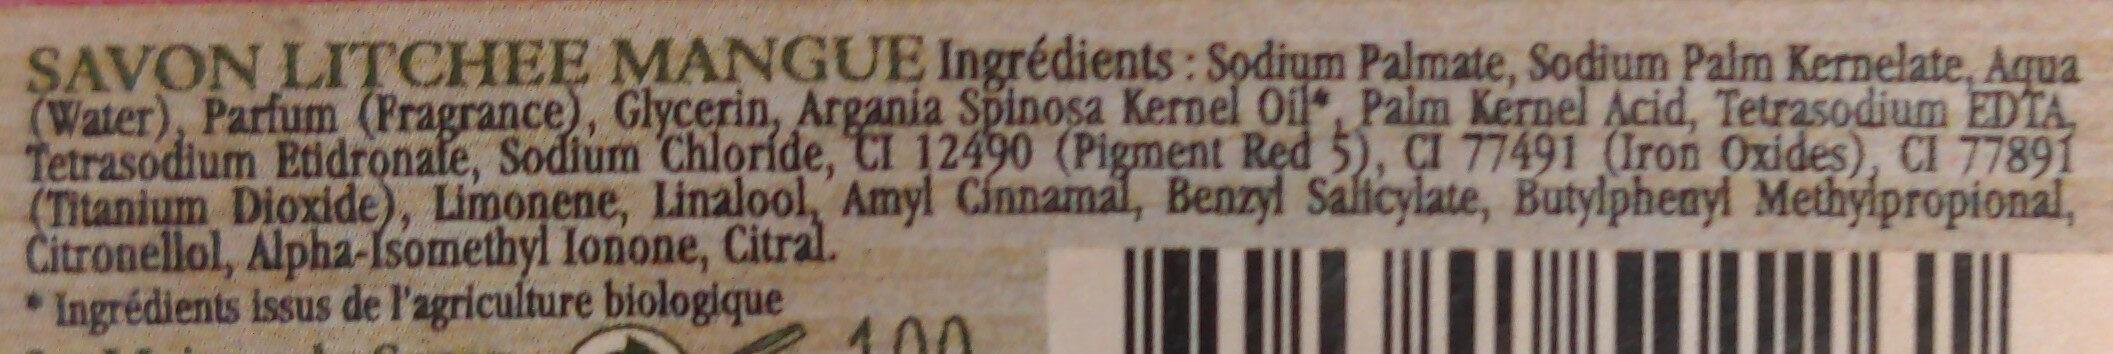 Savon Litchee-Mangue - Ingredients - fr